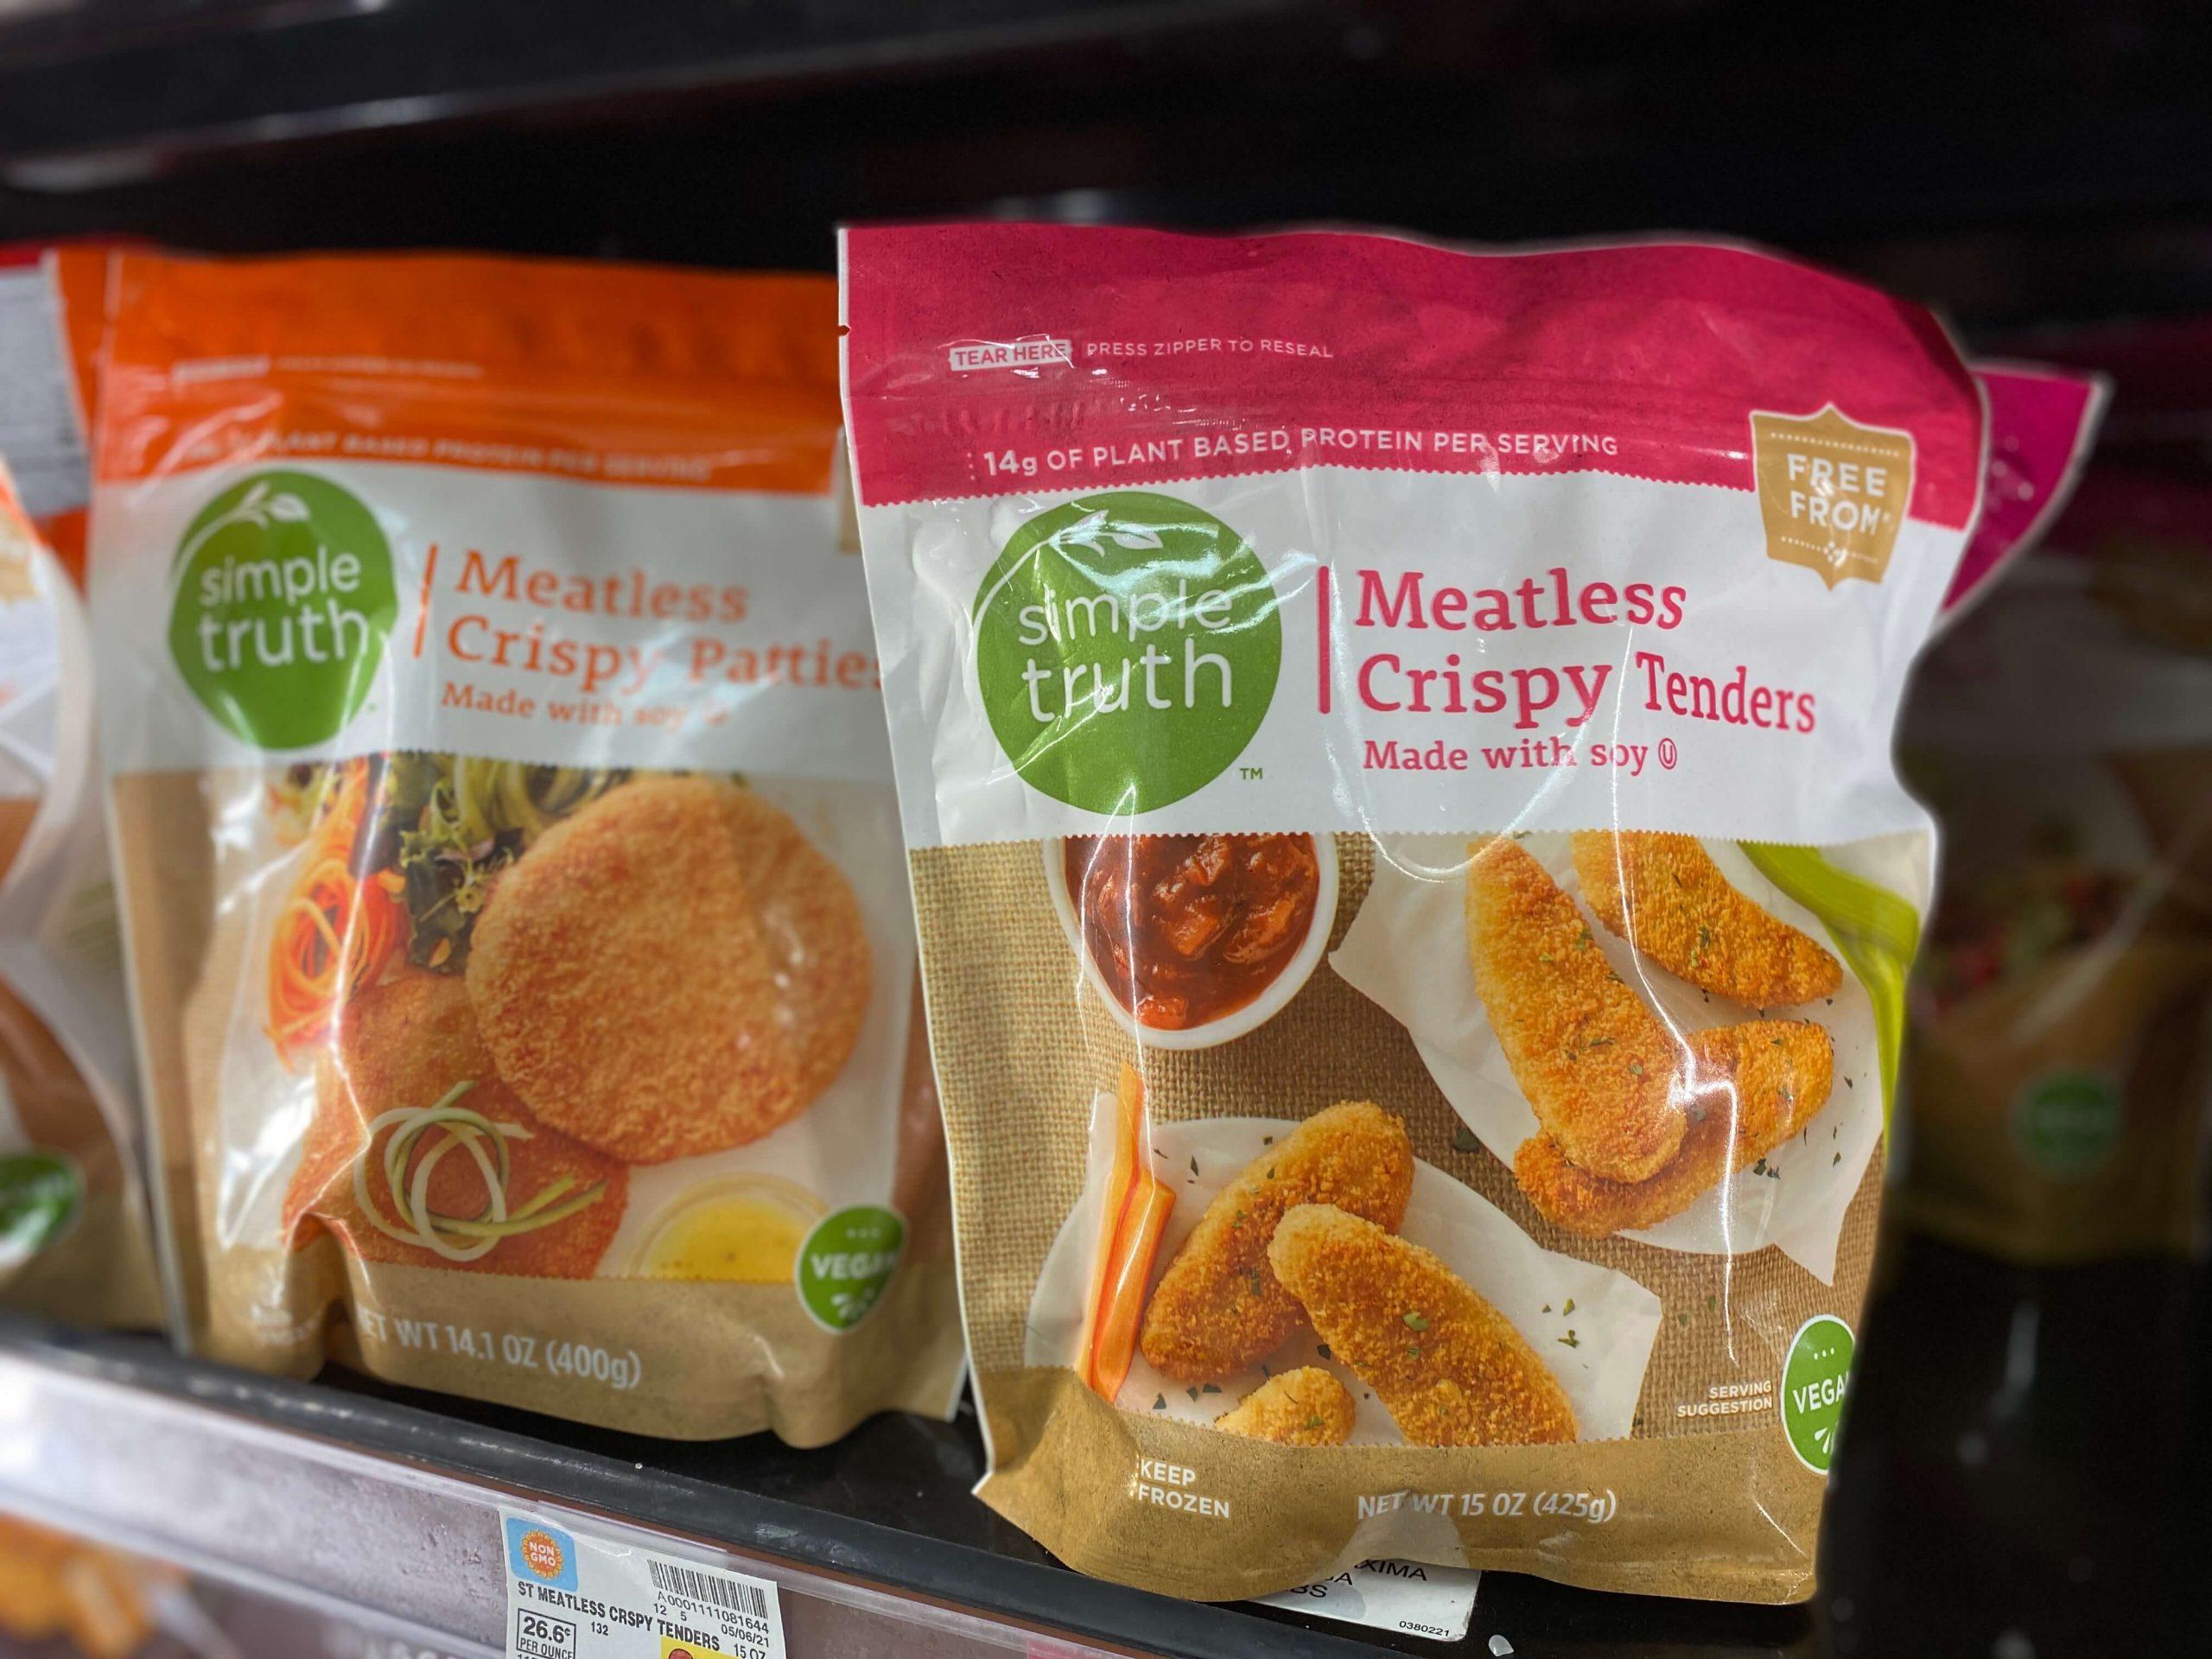 Meatless Crispy Tenders and Patties